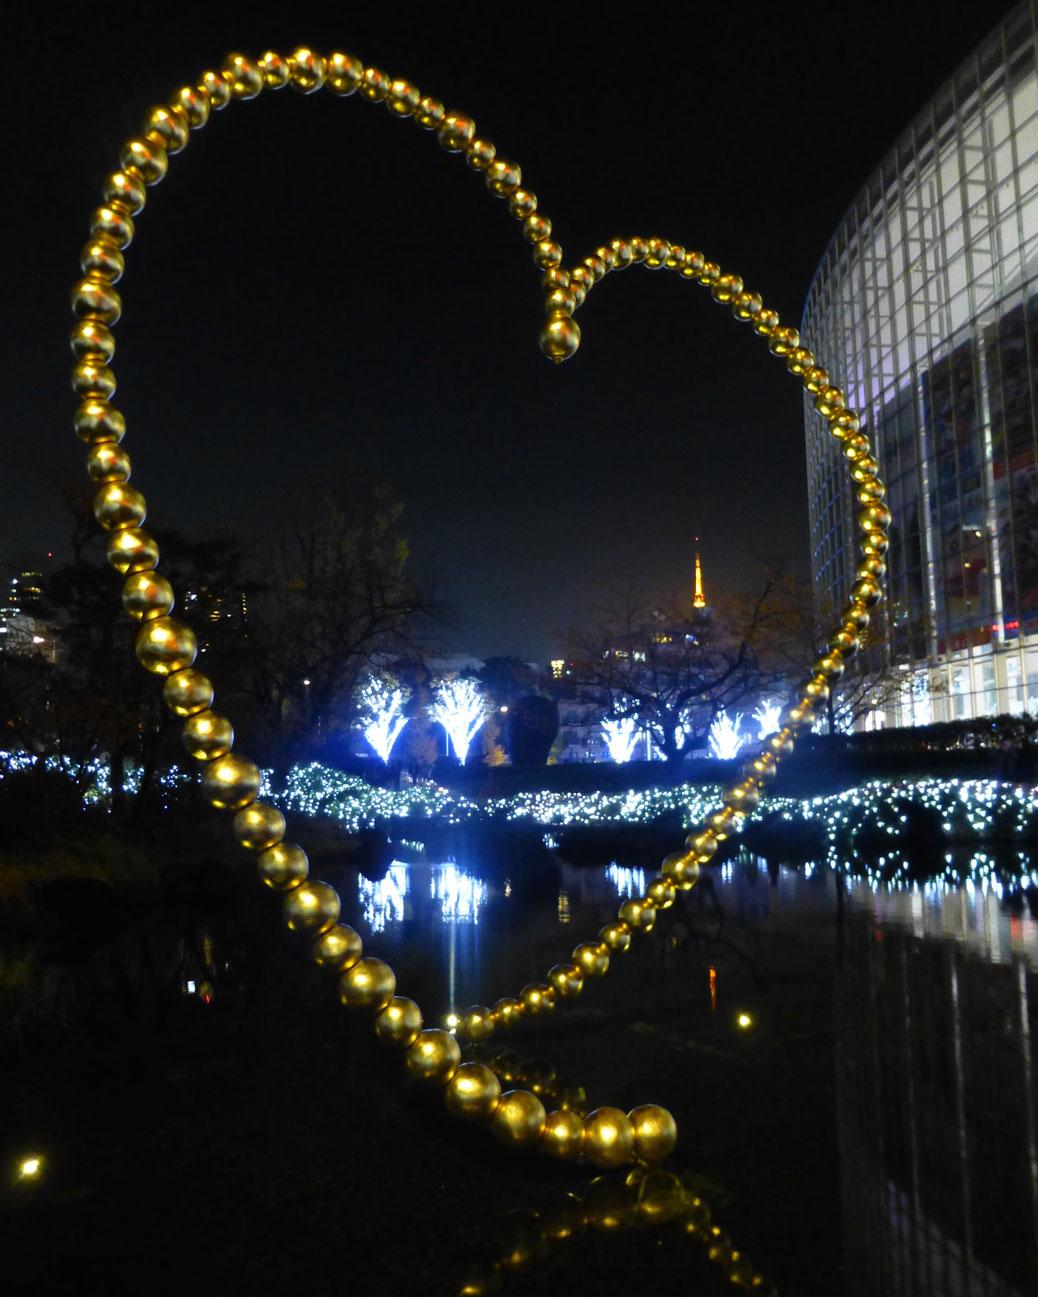 Roppongi Heart